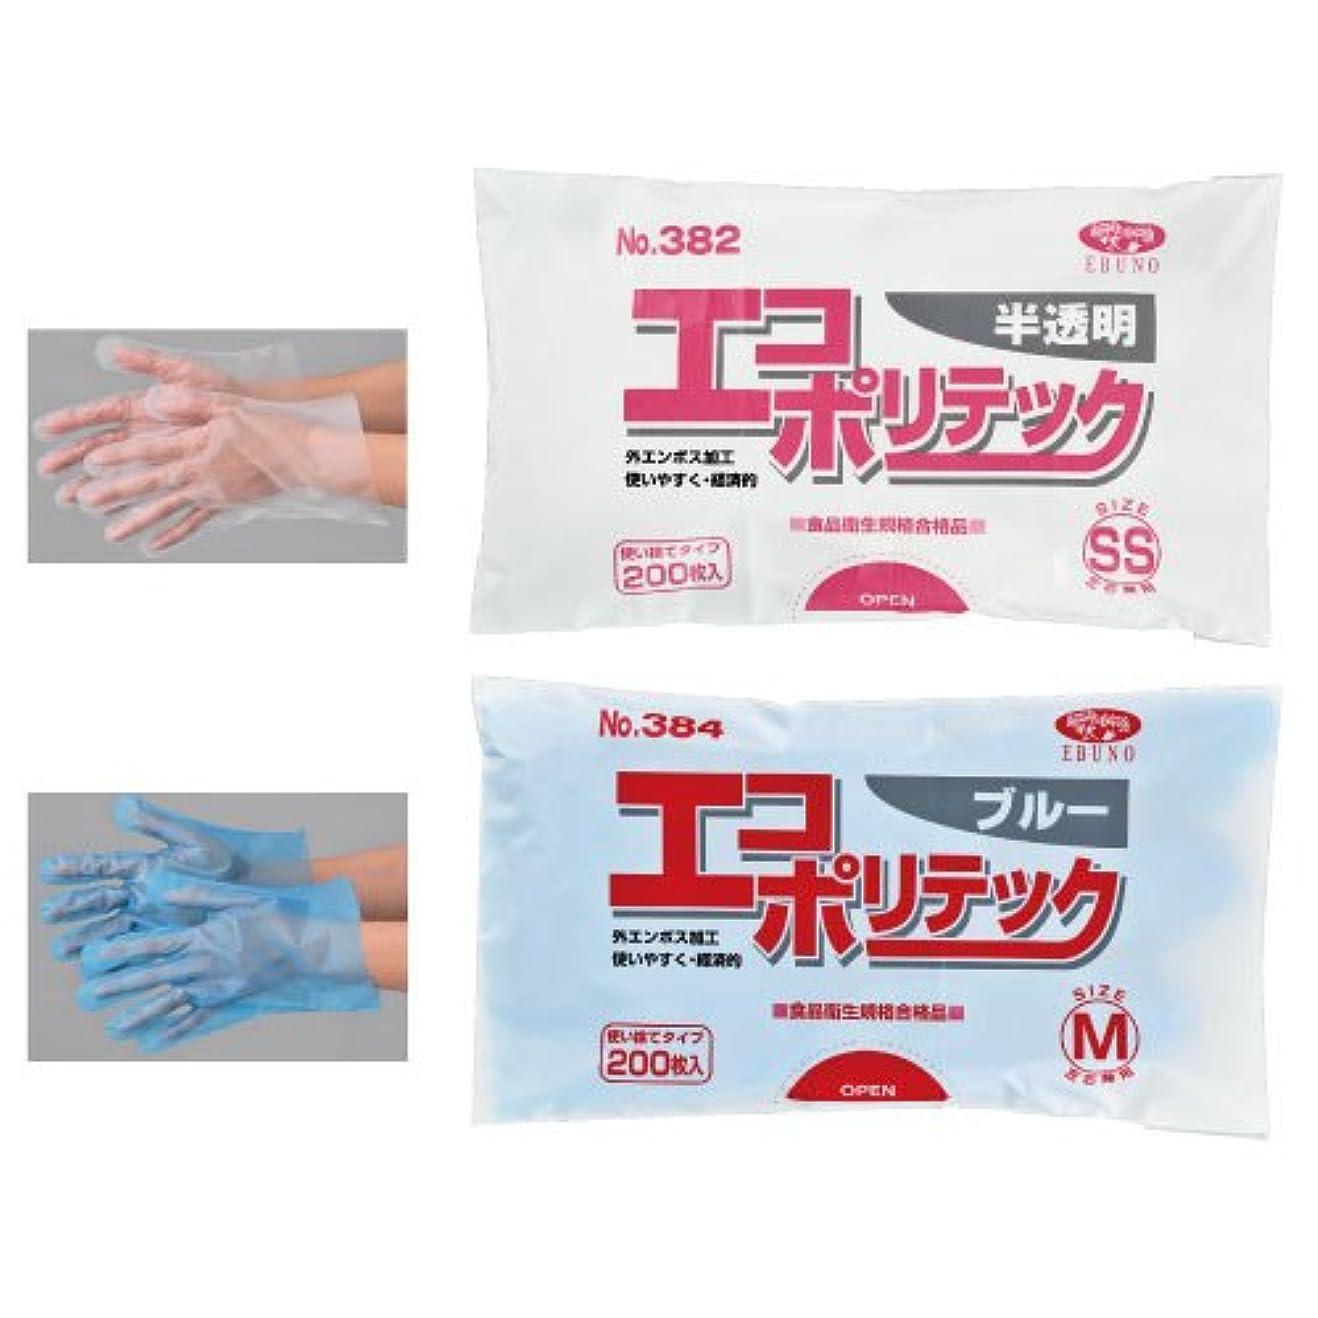 すり減る有利追放エブノ ポリエチレン手袋 No.382 SS 半透明 (200枚×30袋) エコポリテック 袋入